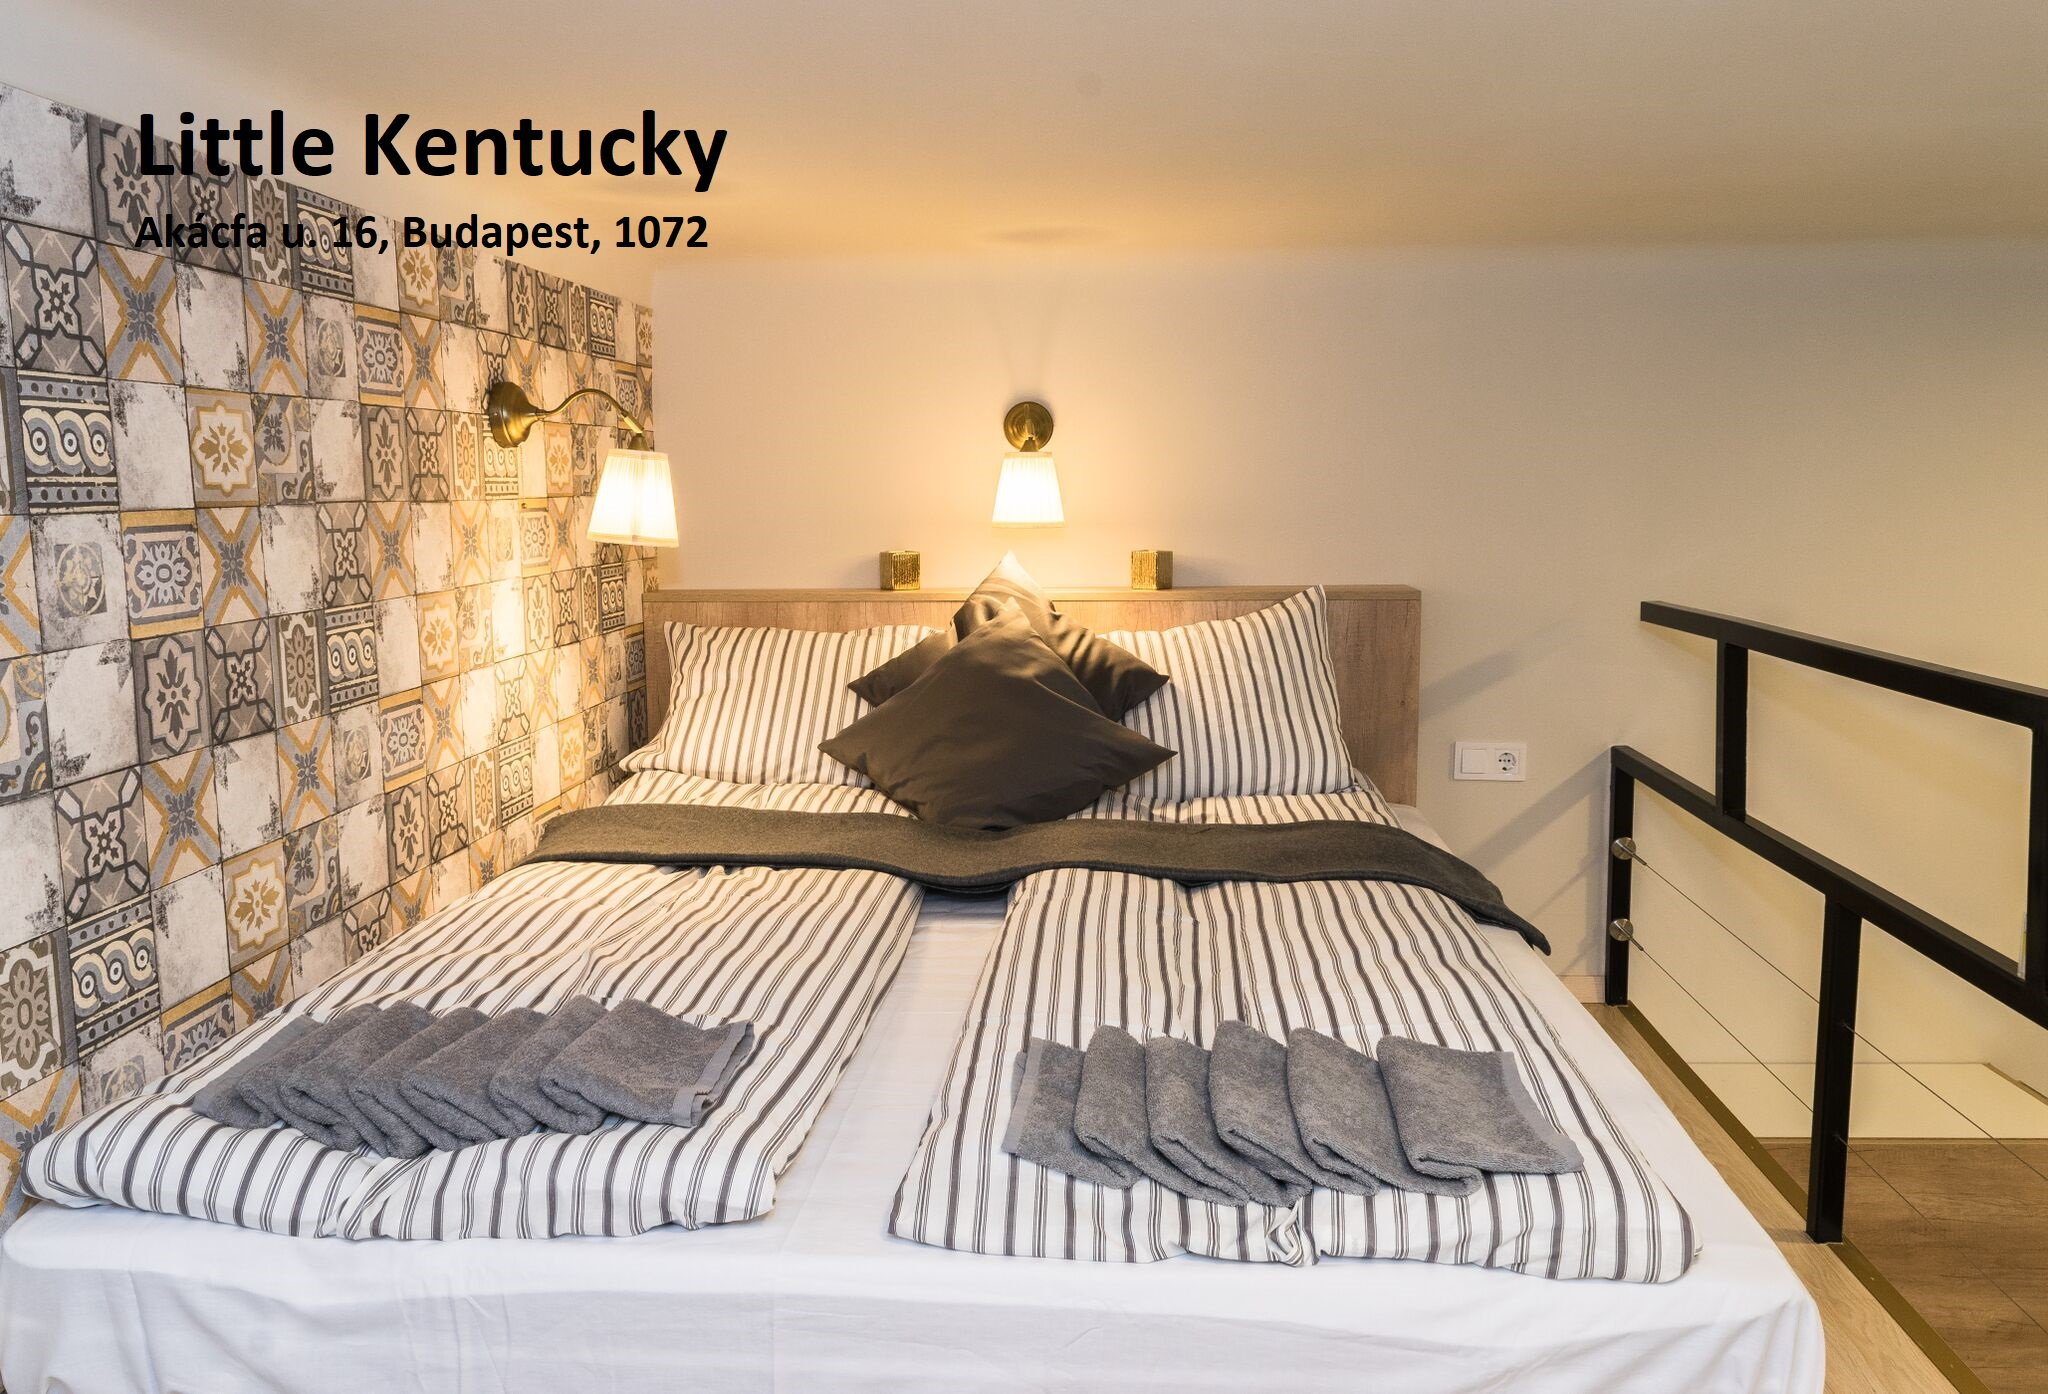 Little Kentucky